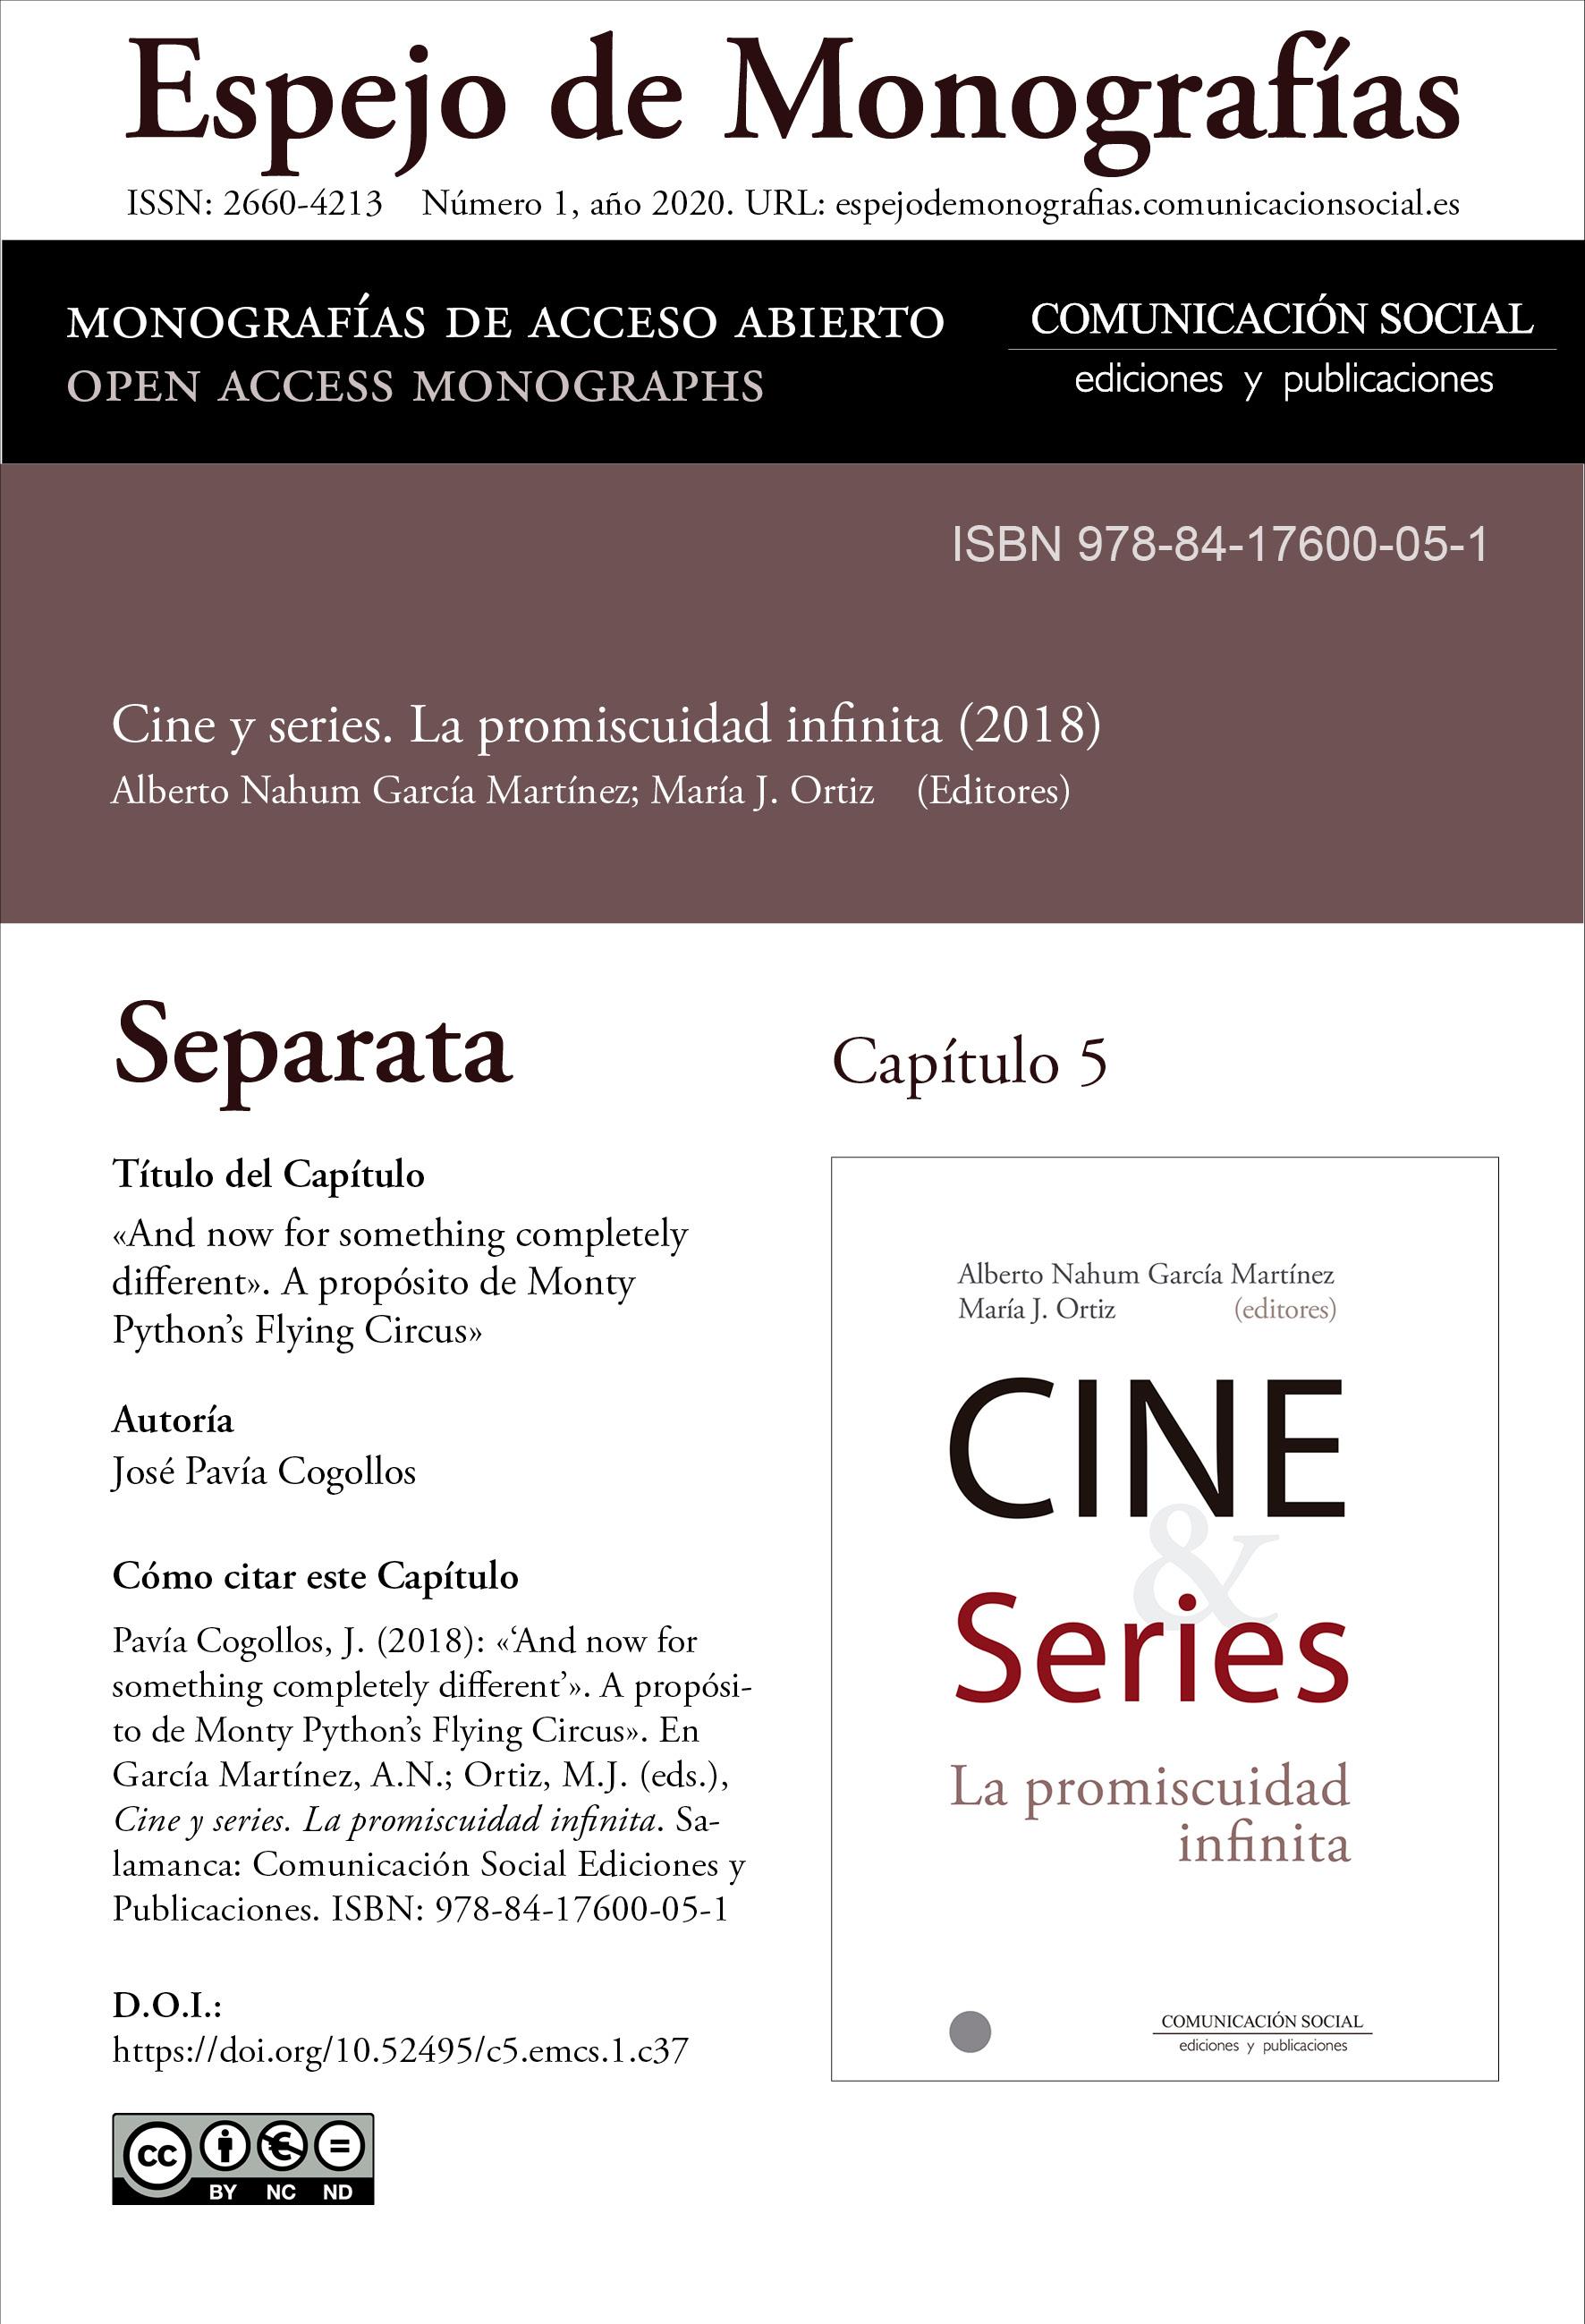 Separata del Capítulo 5 correspondiente a la monografía Cine y series: la promiscuidad infinita